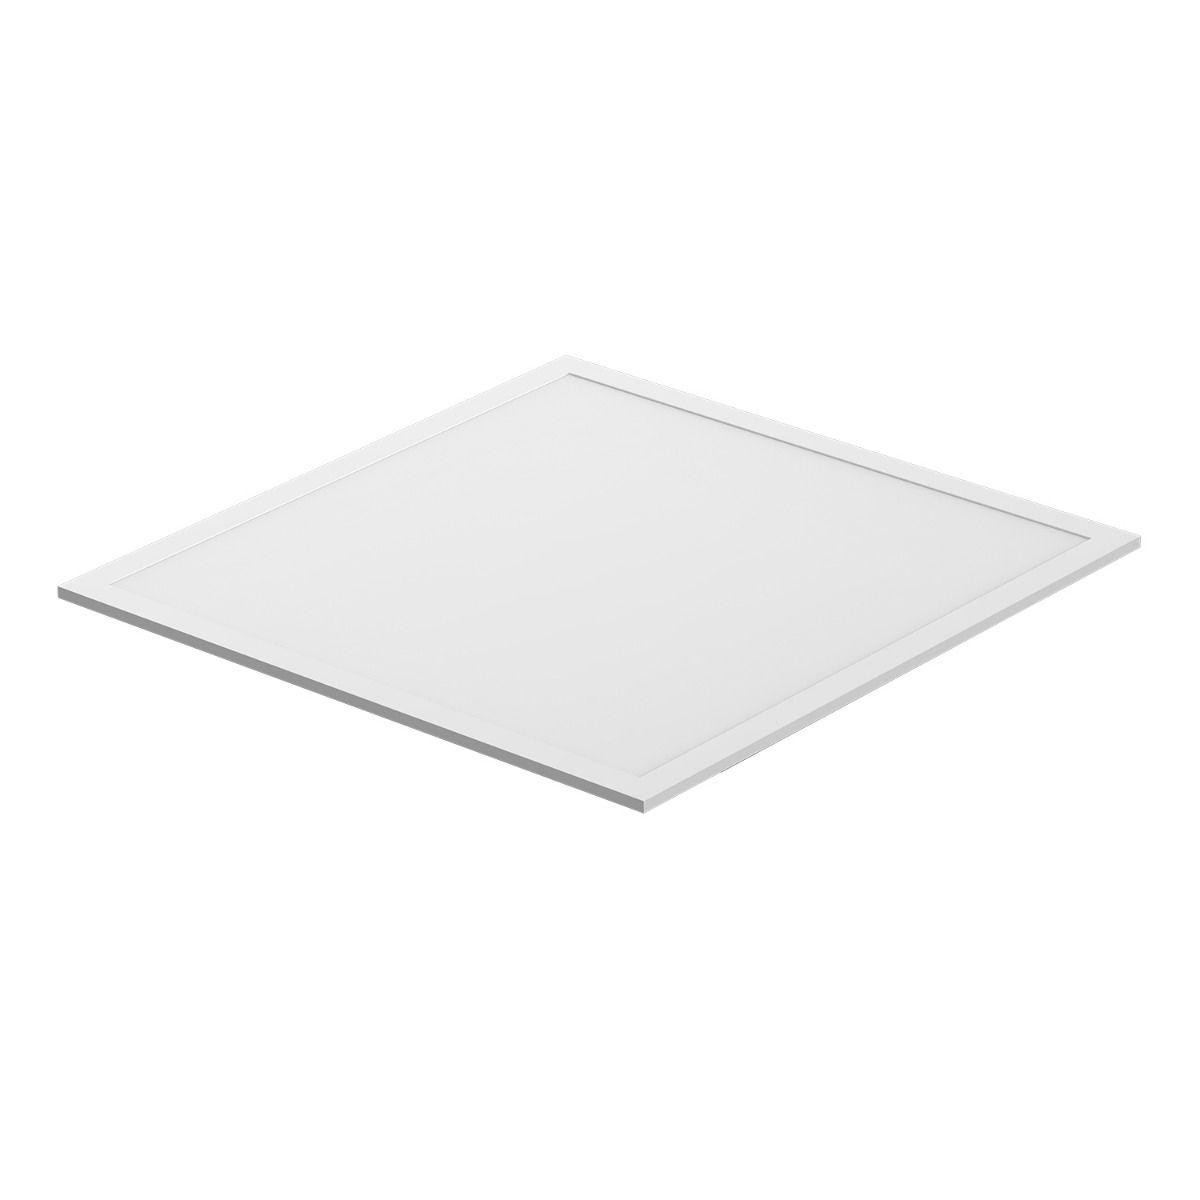 Noxion LED Panel Delta Pro V2.0 30W 60x60cm 3000K 3960lm UGR <19 | Warm White - Replaces 4x18W